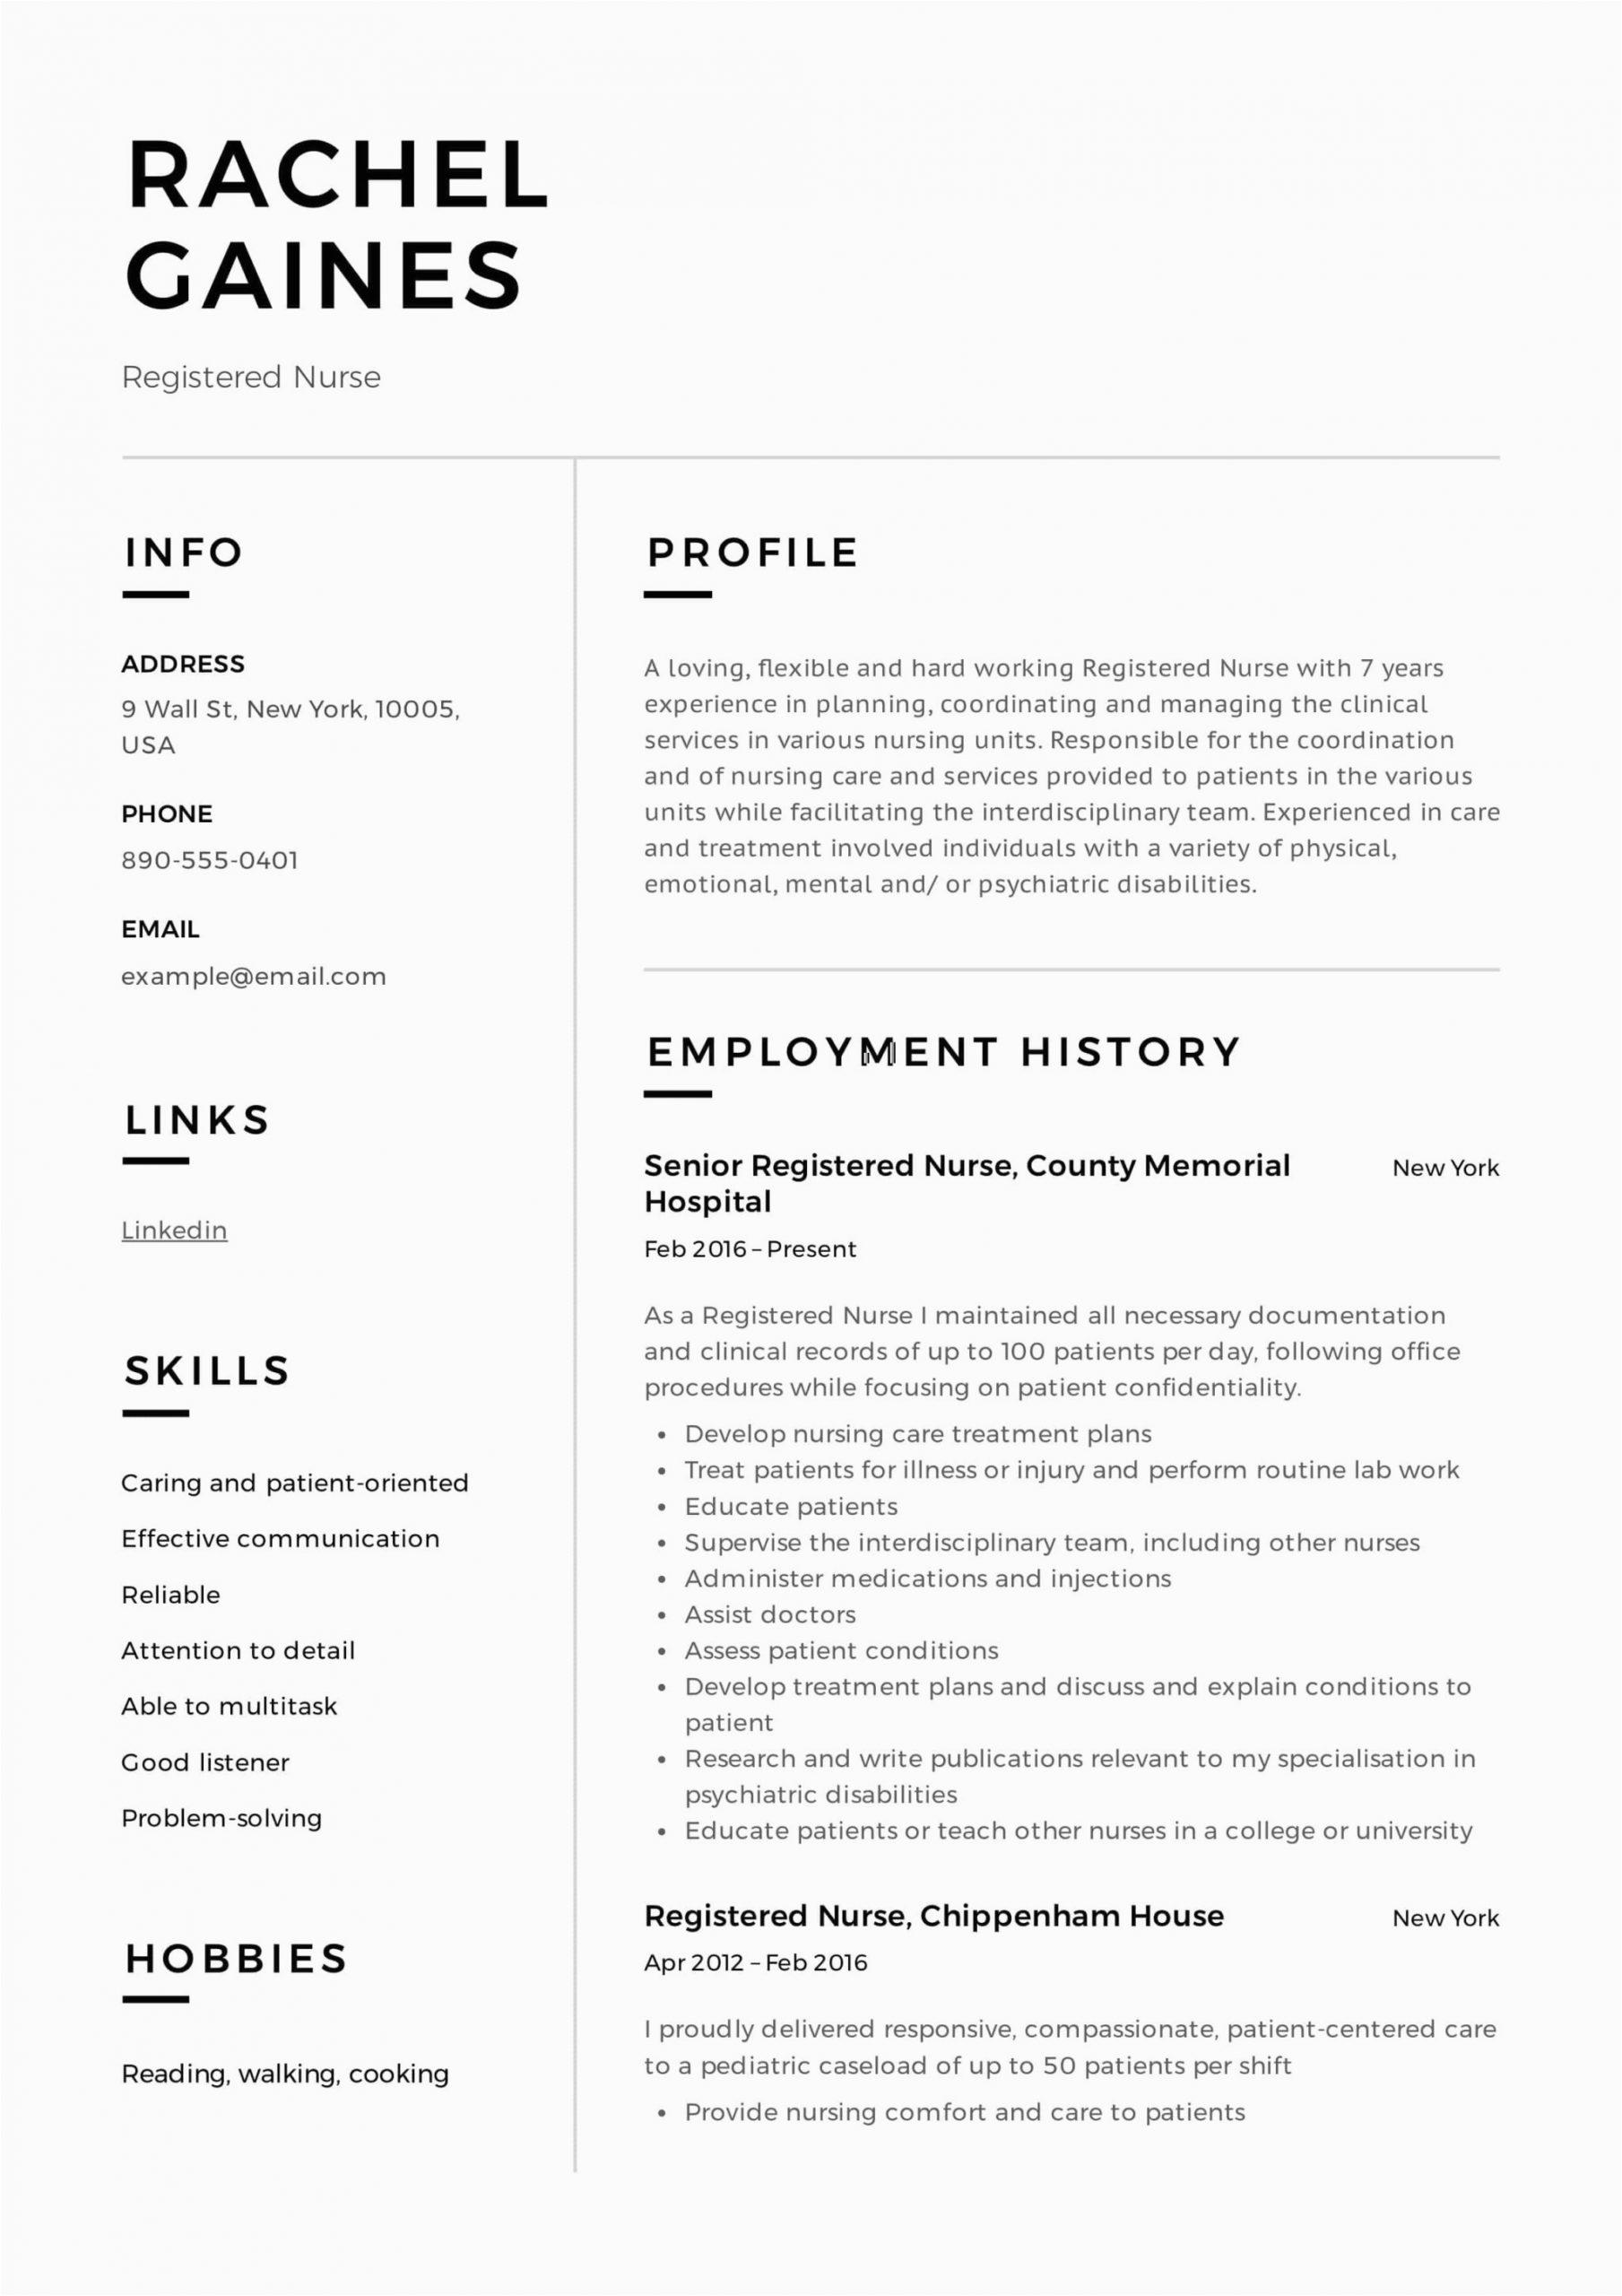 Sample Resume for Newly Registered Nurses Registered Nurse Resume Sample & Writing Guide